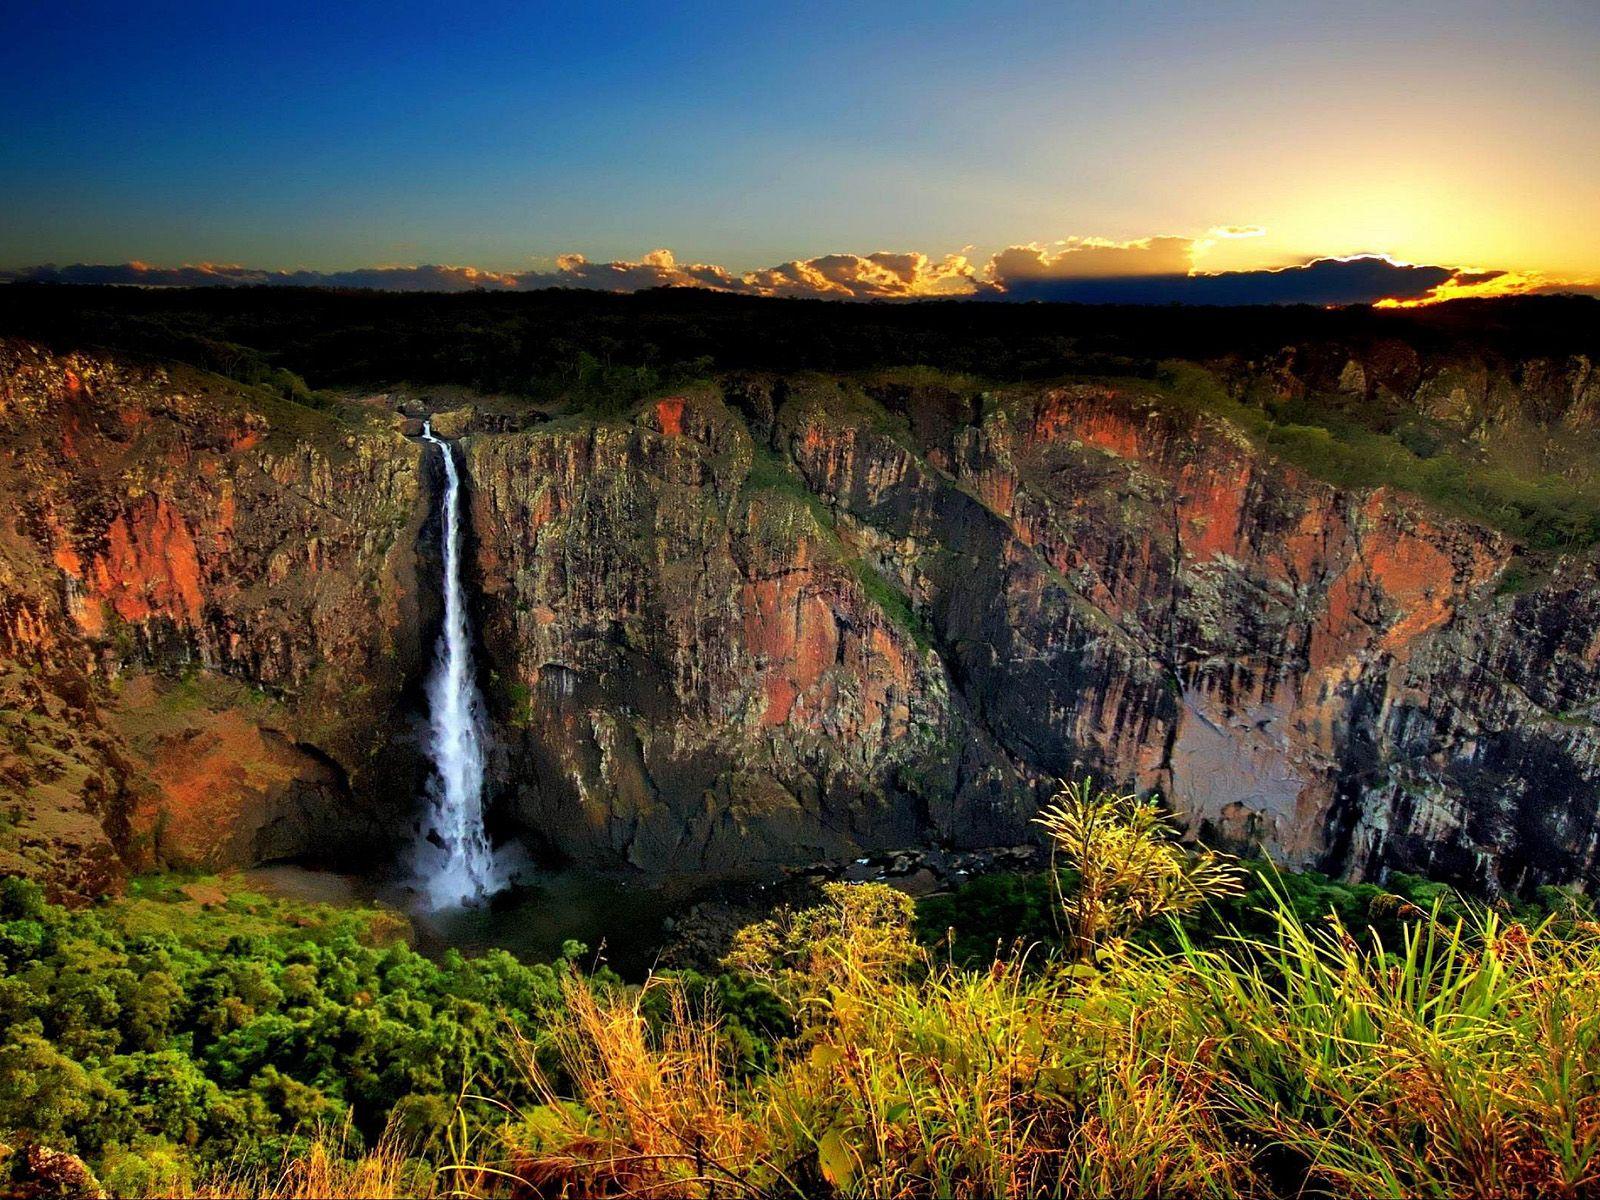 Водопад Уолламан на закате